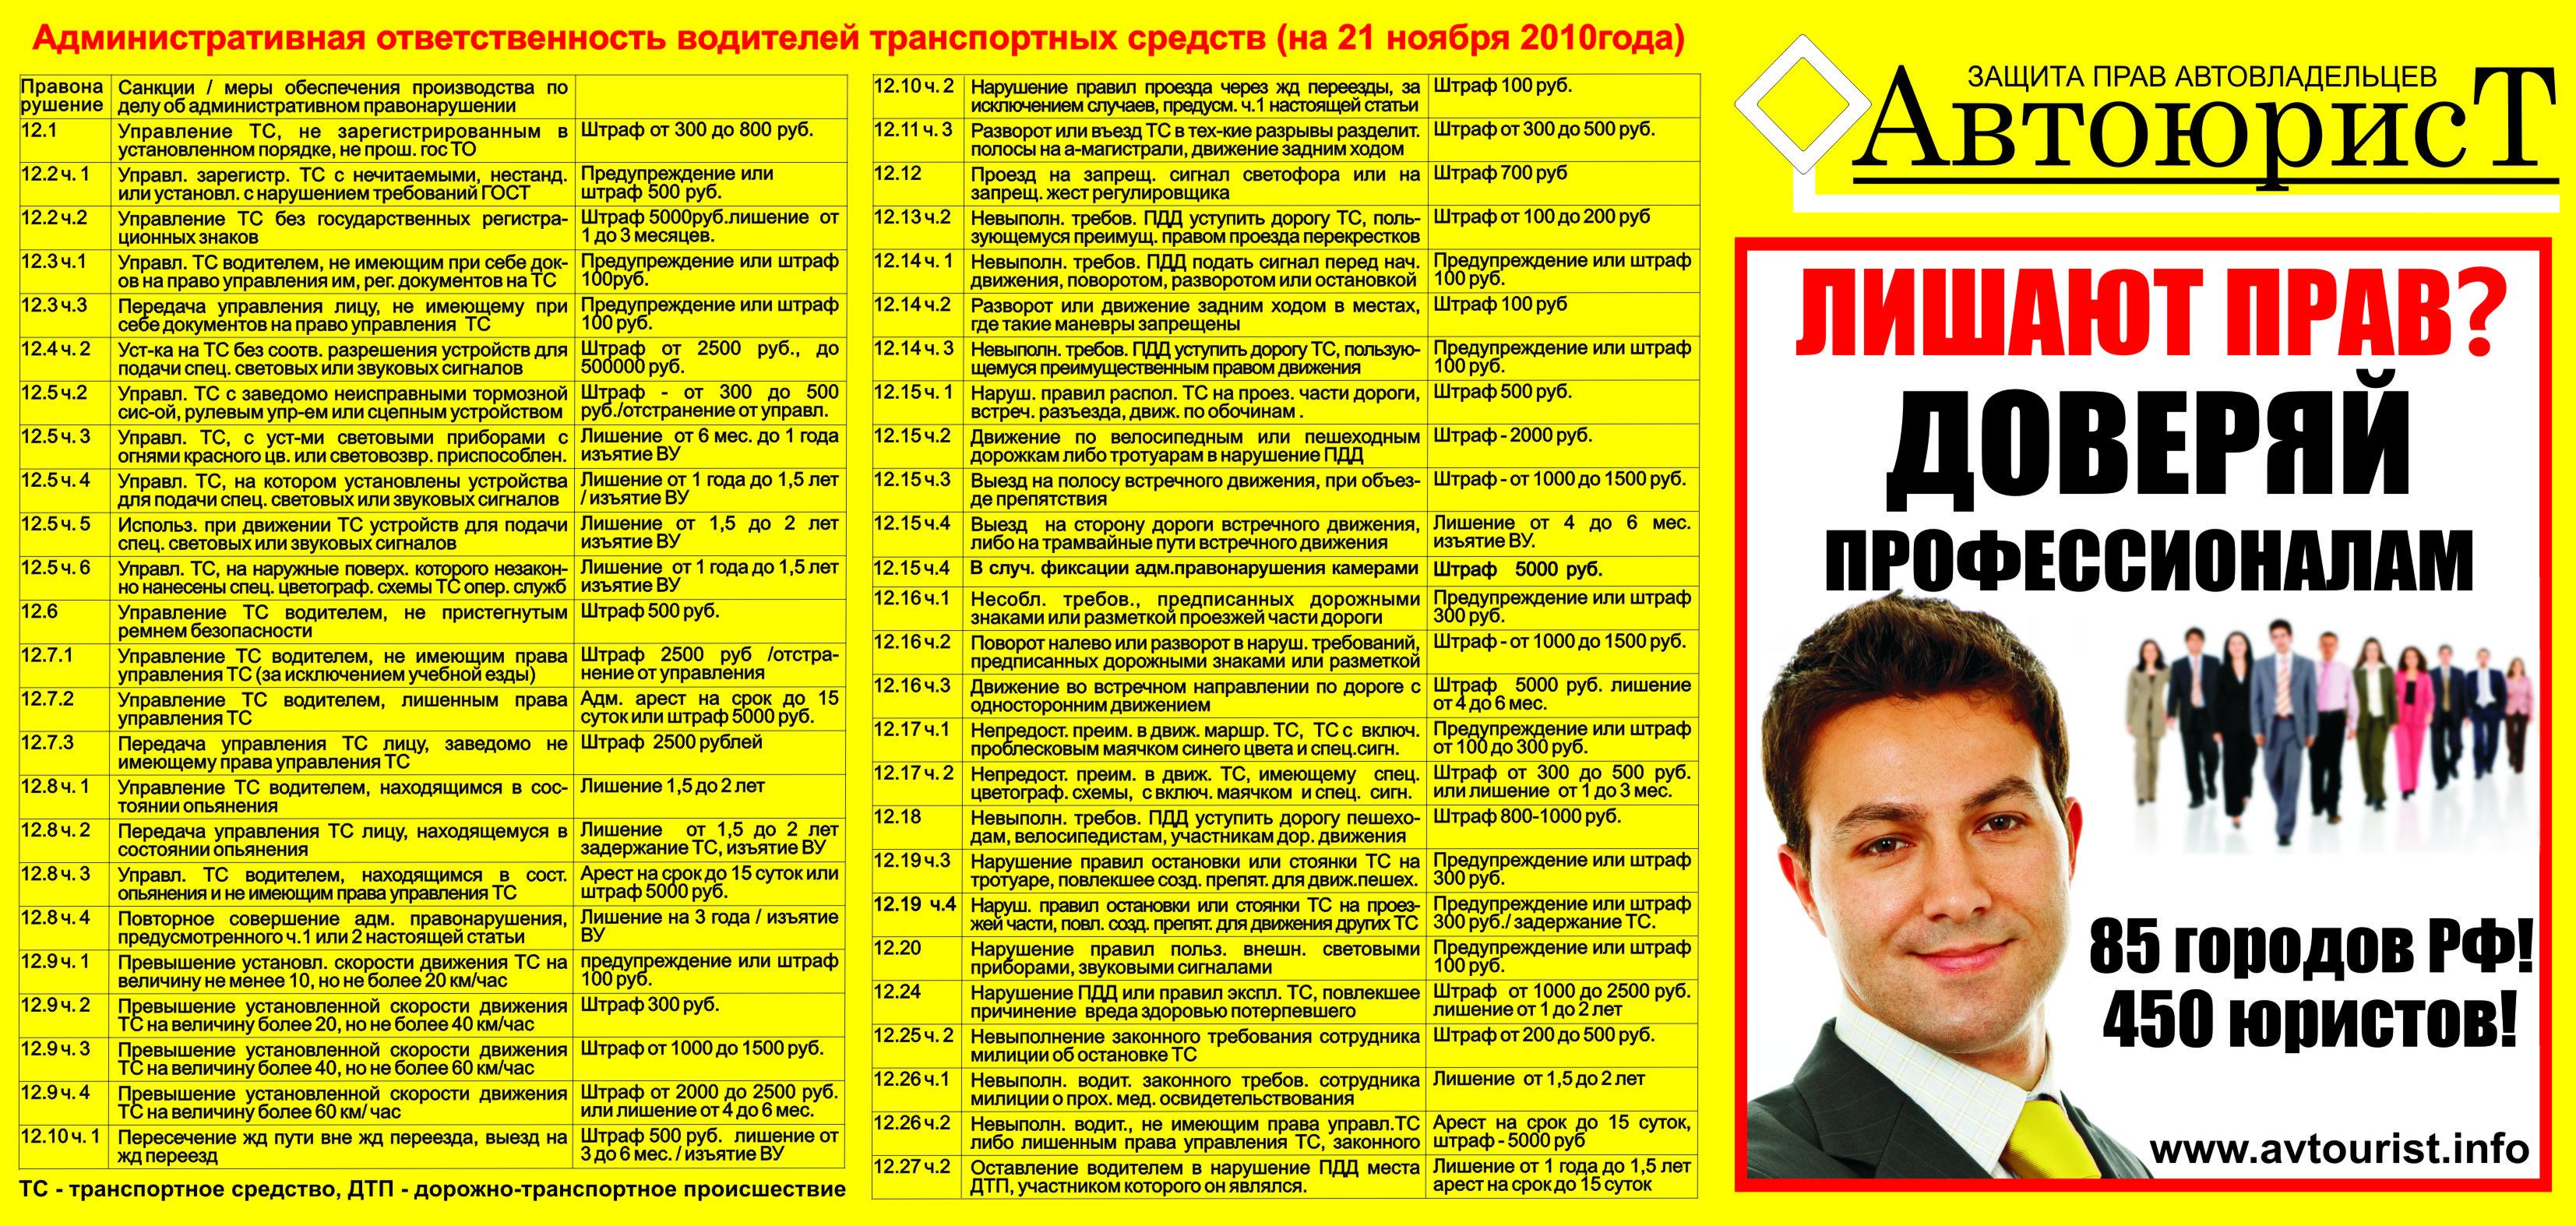 юридические консультации юр. лицам